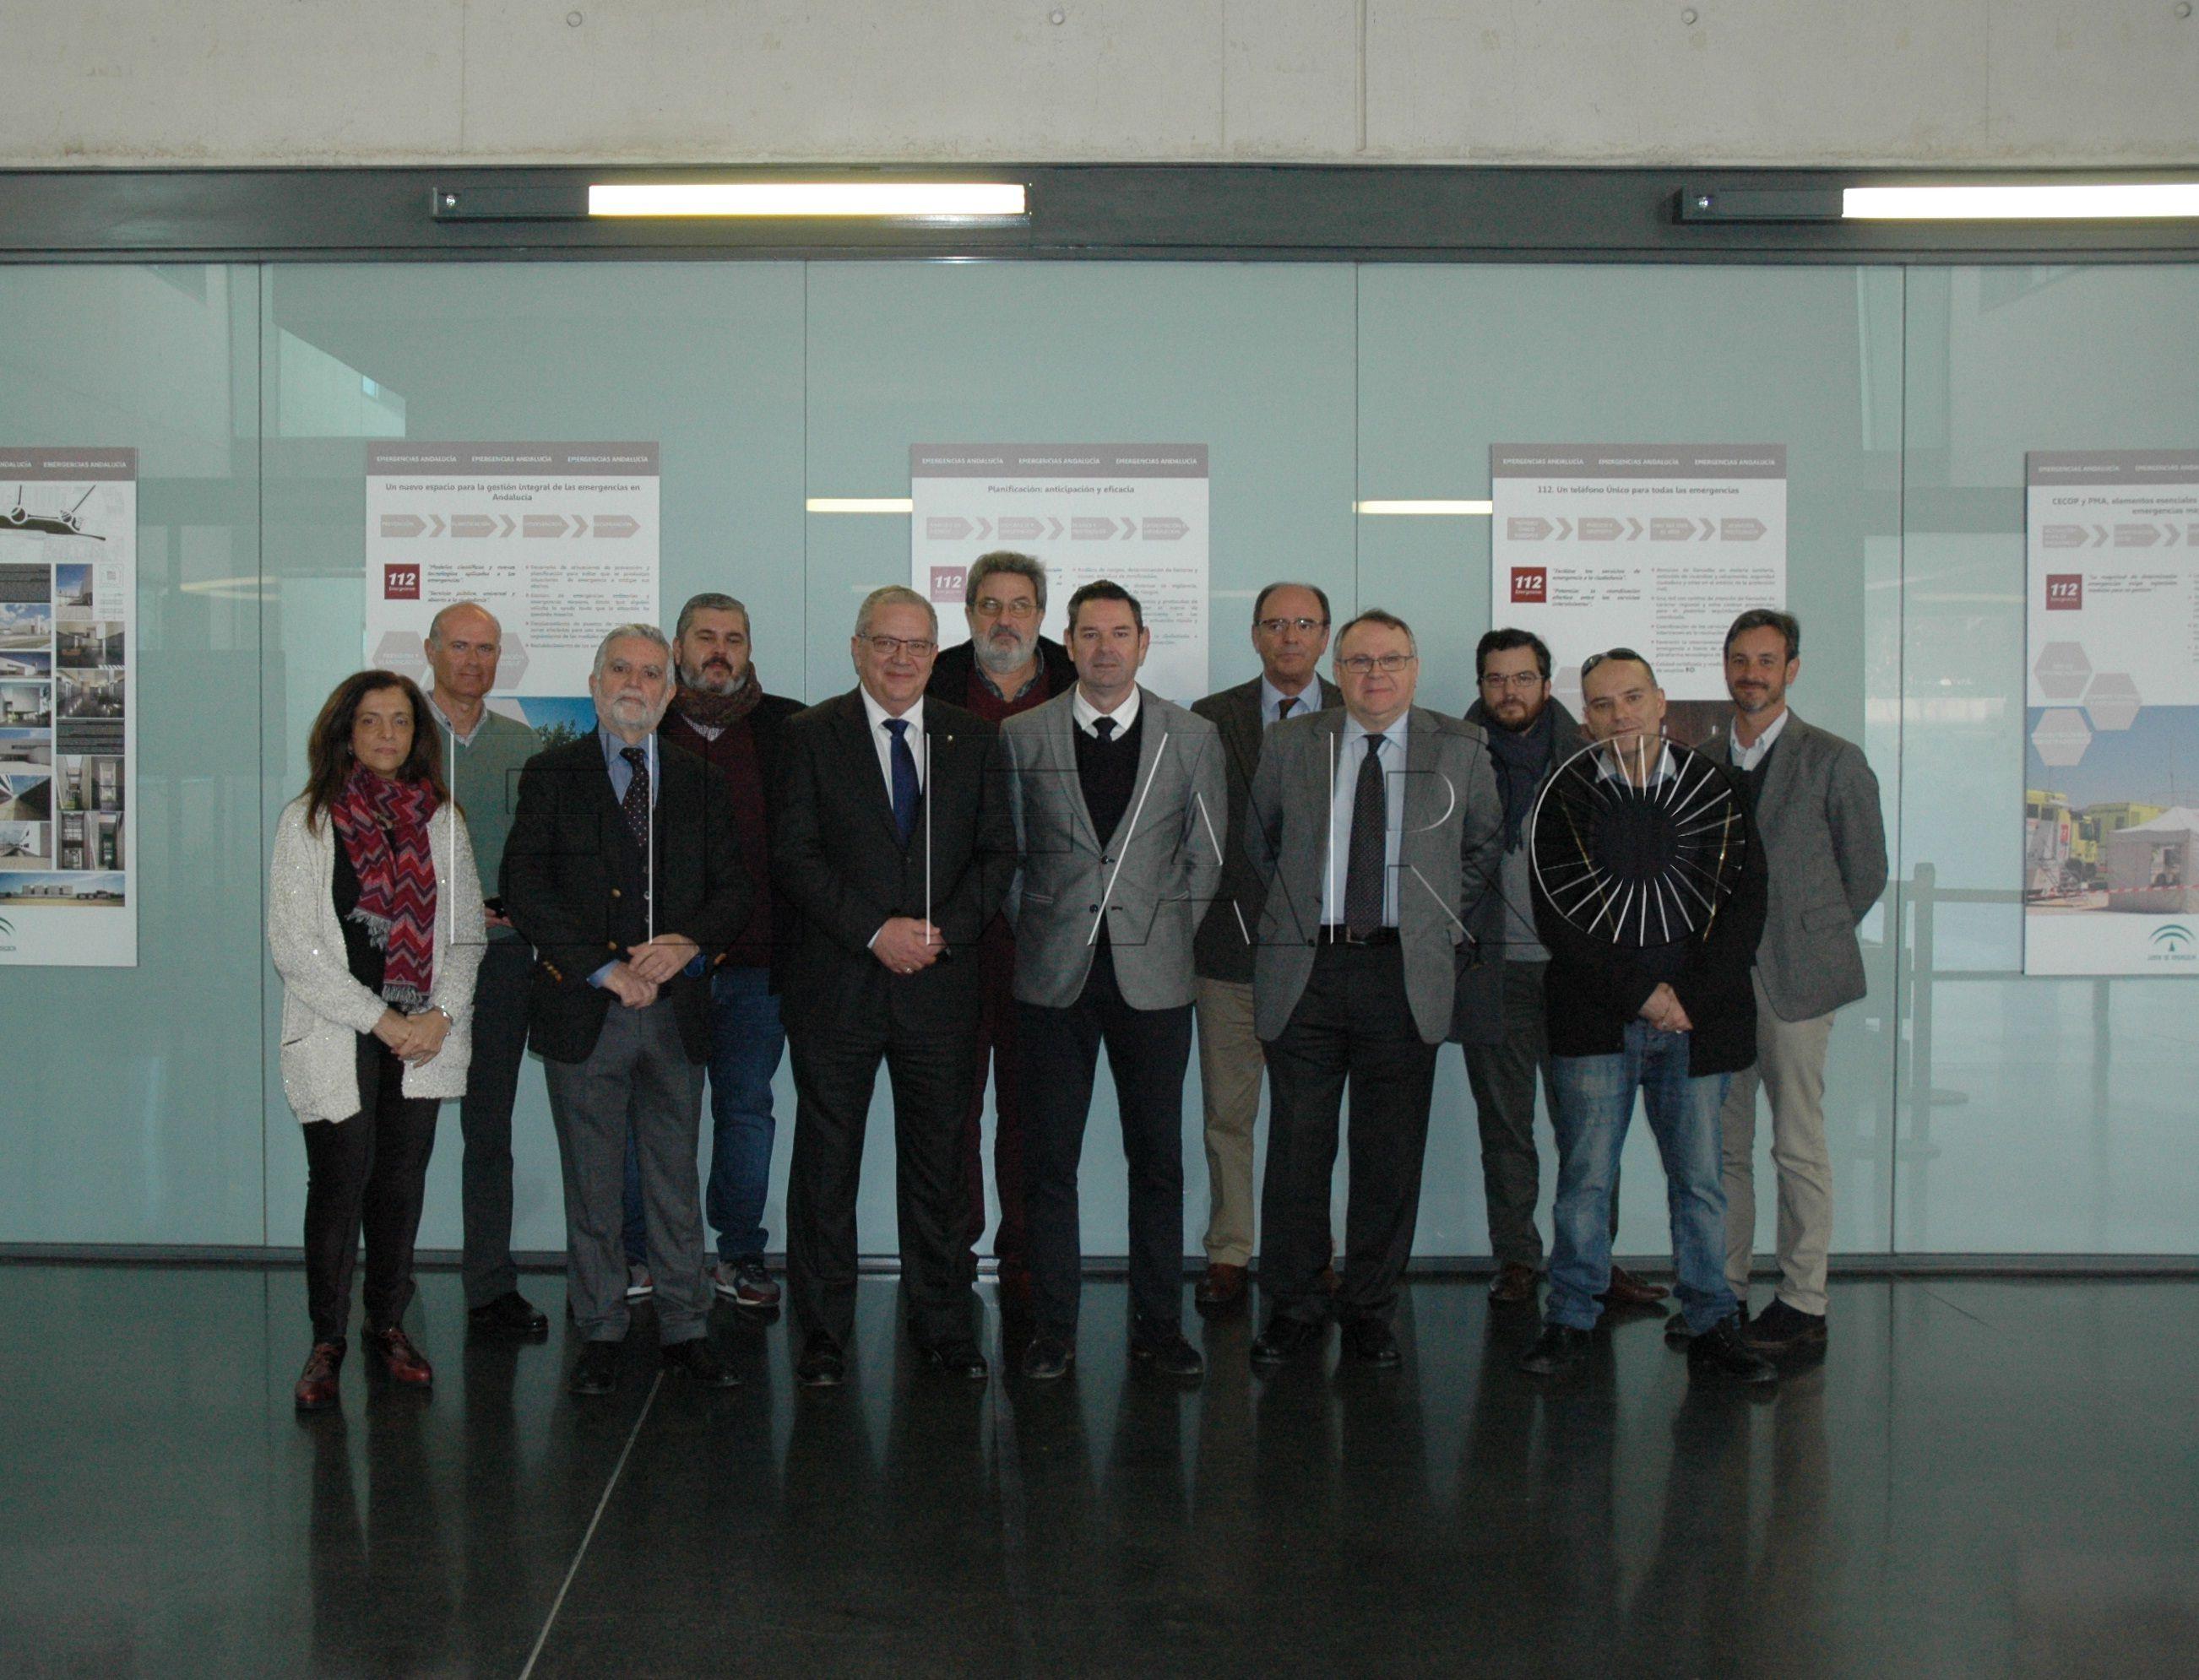 Hachuel visita la sede del 112 de Andalucía para preparar el nuevo proyecto en Ceuta